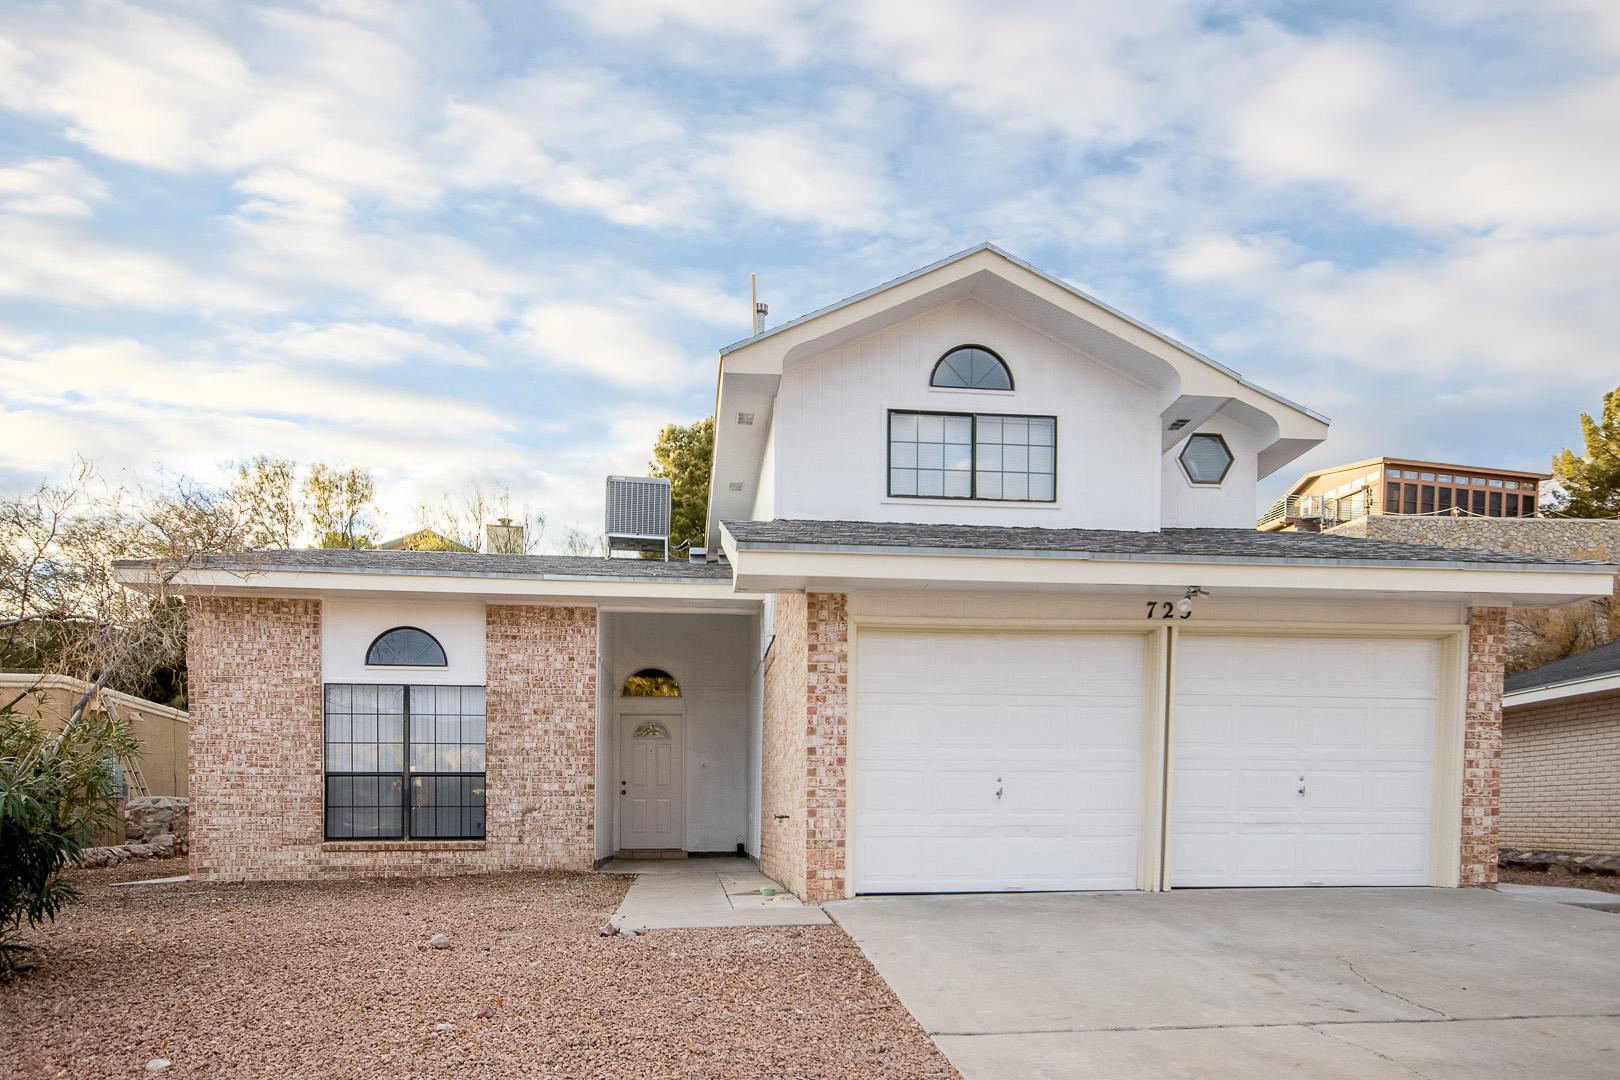 725 VILLA VANESSA, El Paso, Texas 79912, 4 Bedrooms Bedrooms, ,3 BathroomsBathrooms,Residential,For sale,VILLA VANESSA,839555